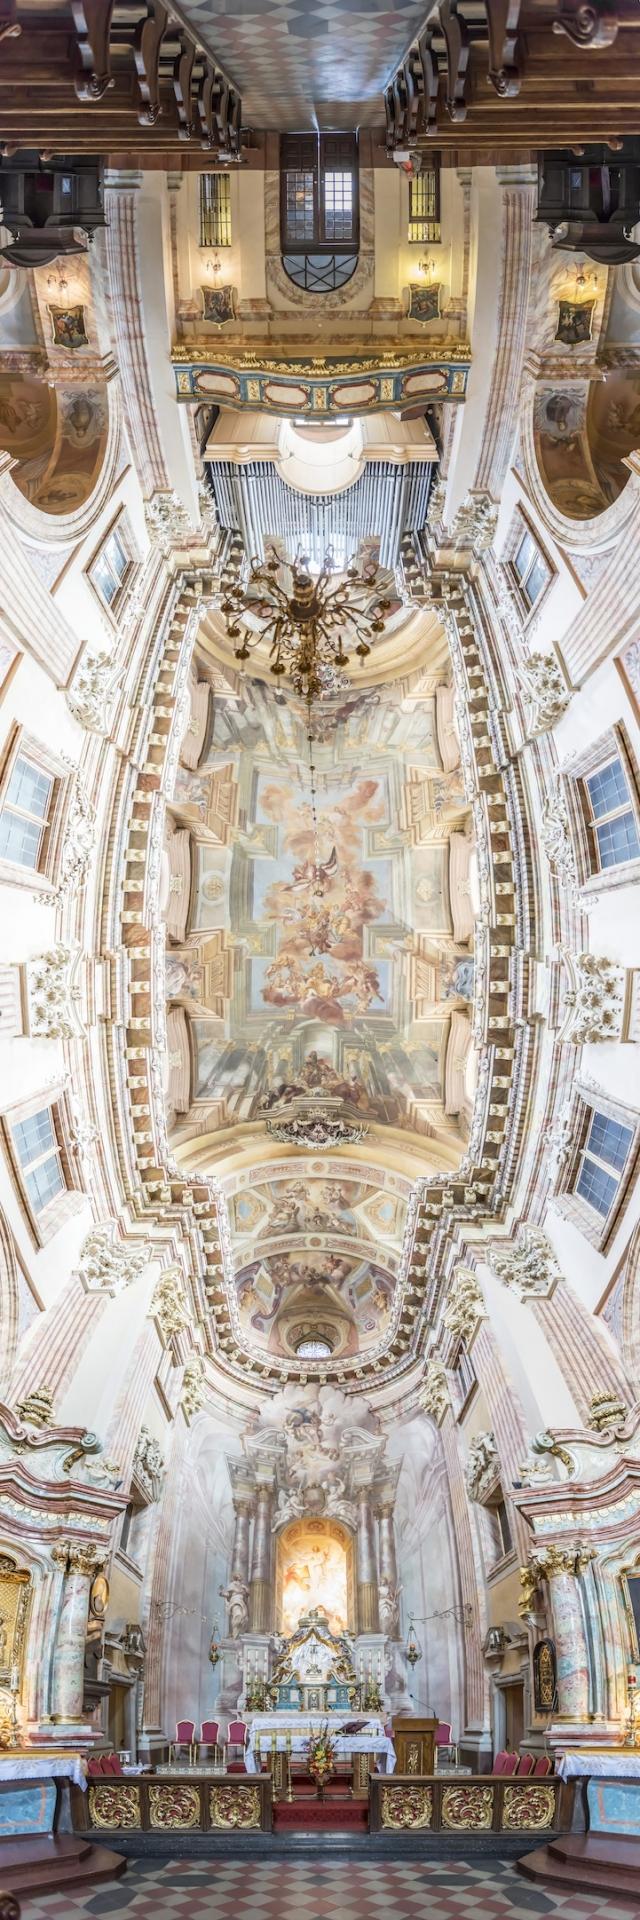 Головокружительные вертикальные панорамы церквей от Ричарда Сильвера (Richard Silver)